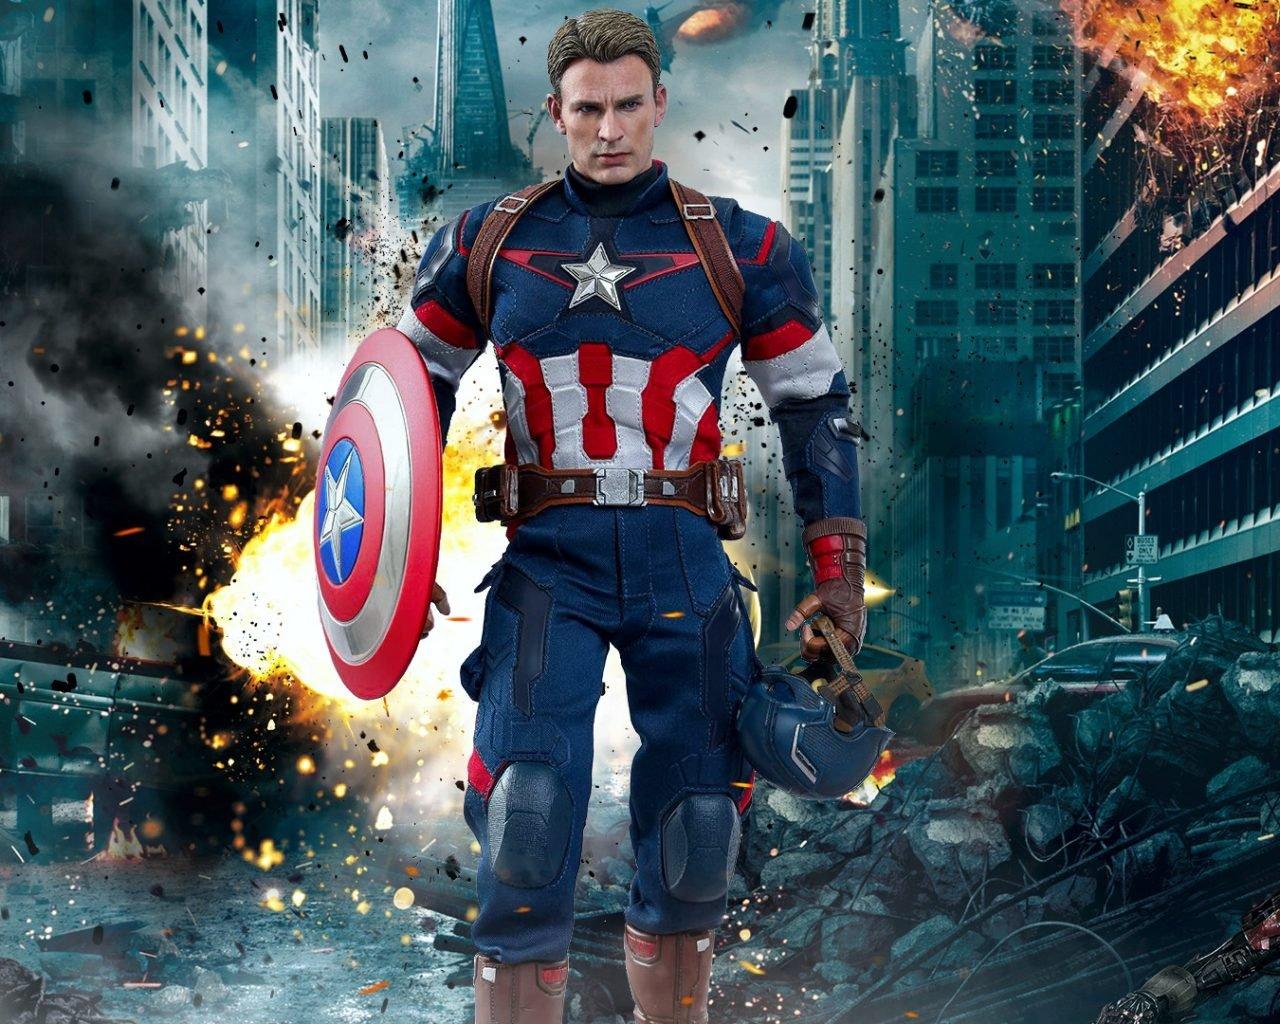 Marvel Captain America Chris Evans The Avengers Age Of 1280x1024